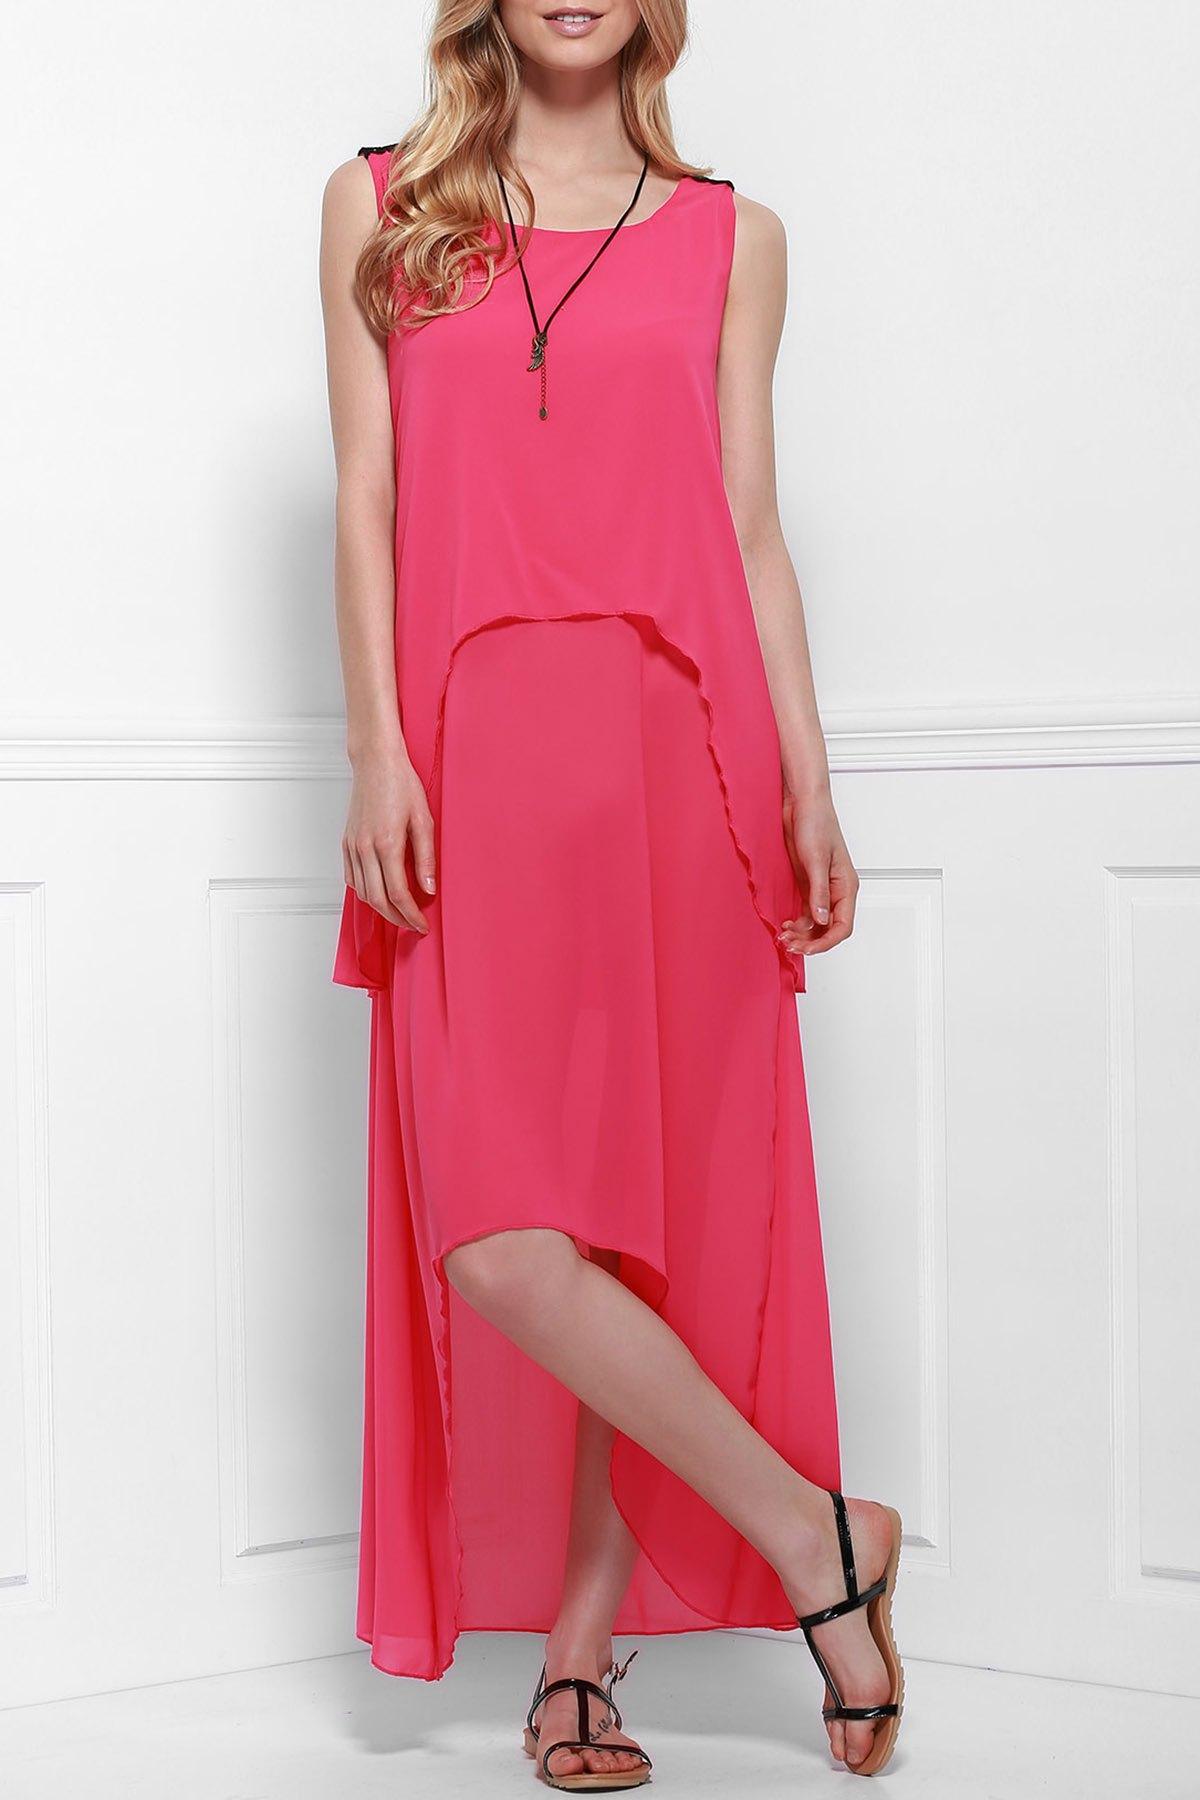 Round Neck Layered Irregular Hem Pink Chiffon Dress